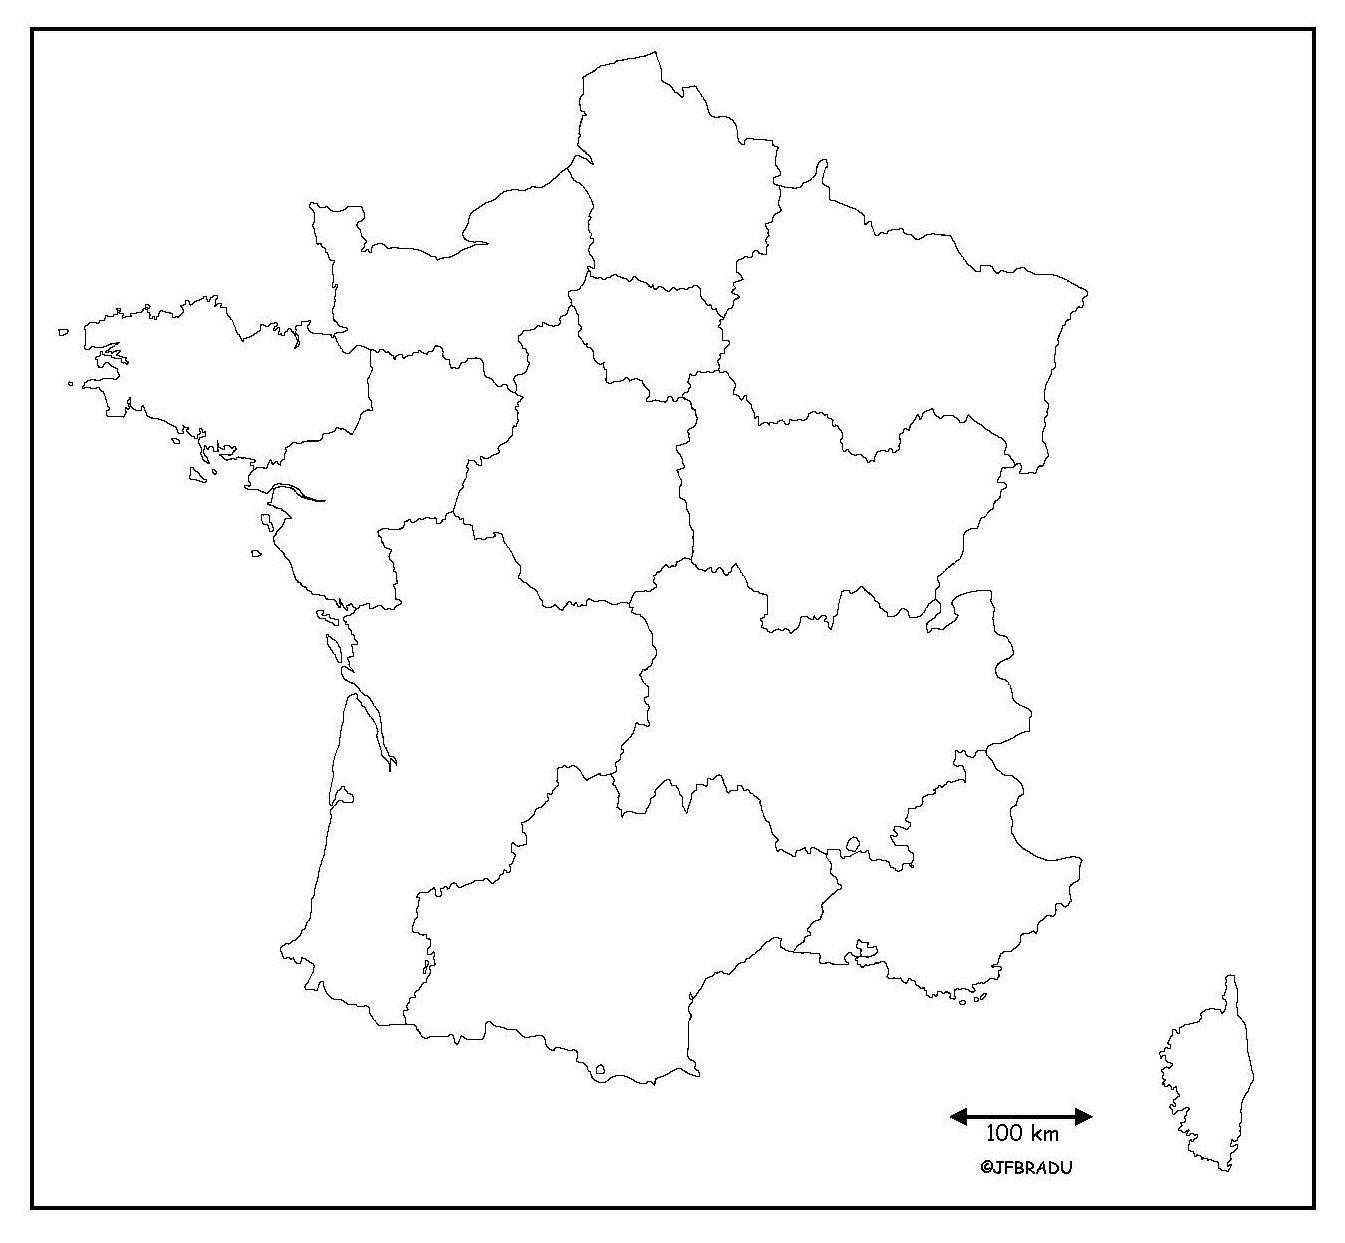 Fond de carte département france